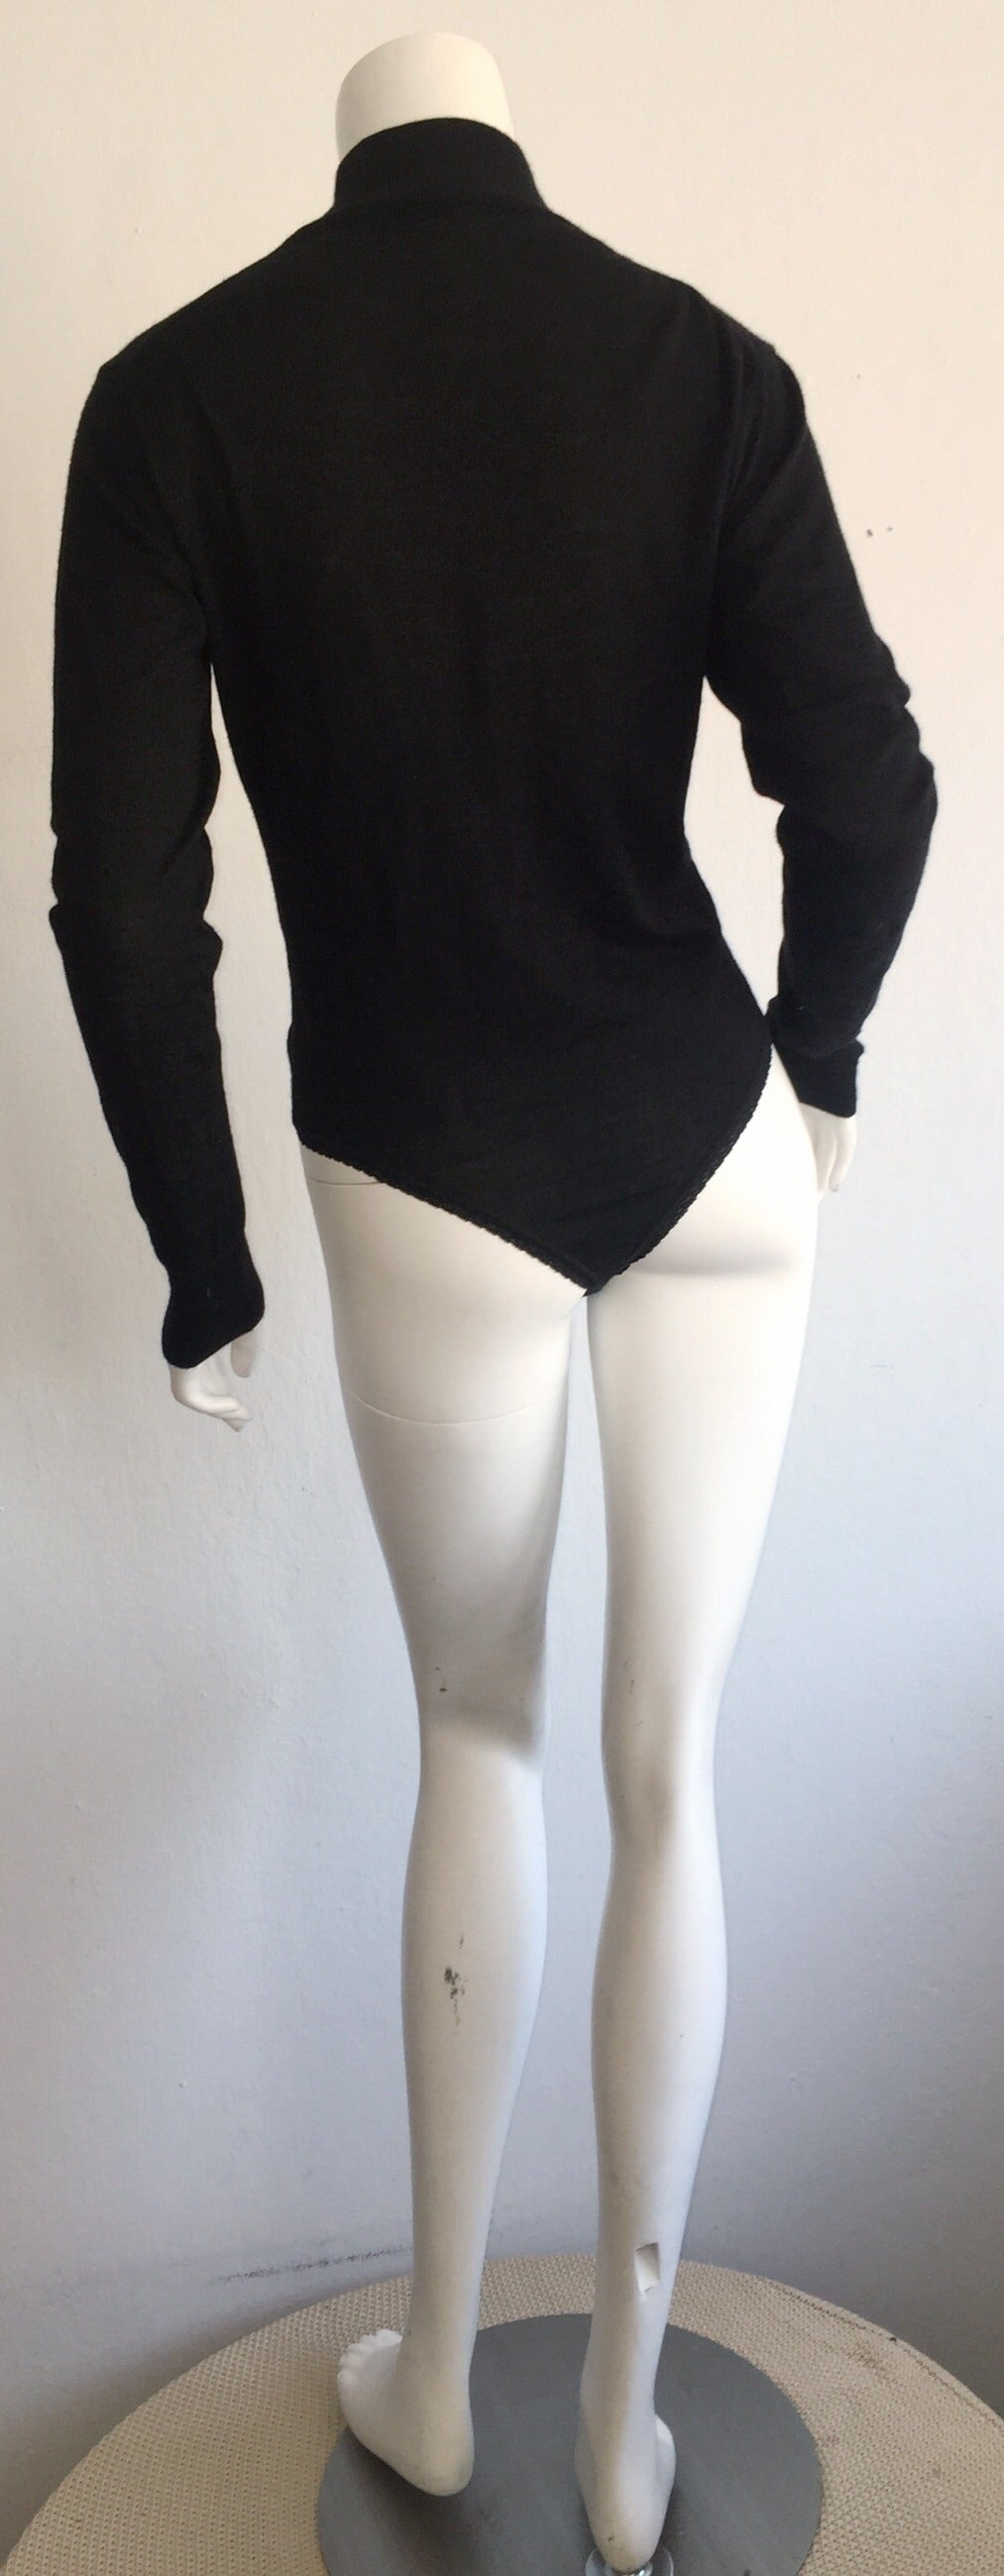 Sexy Vintage Donna Karan Black Cashmere Bodysuit / Onesie For Sale 3